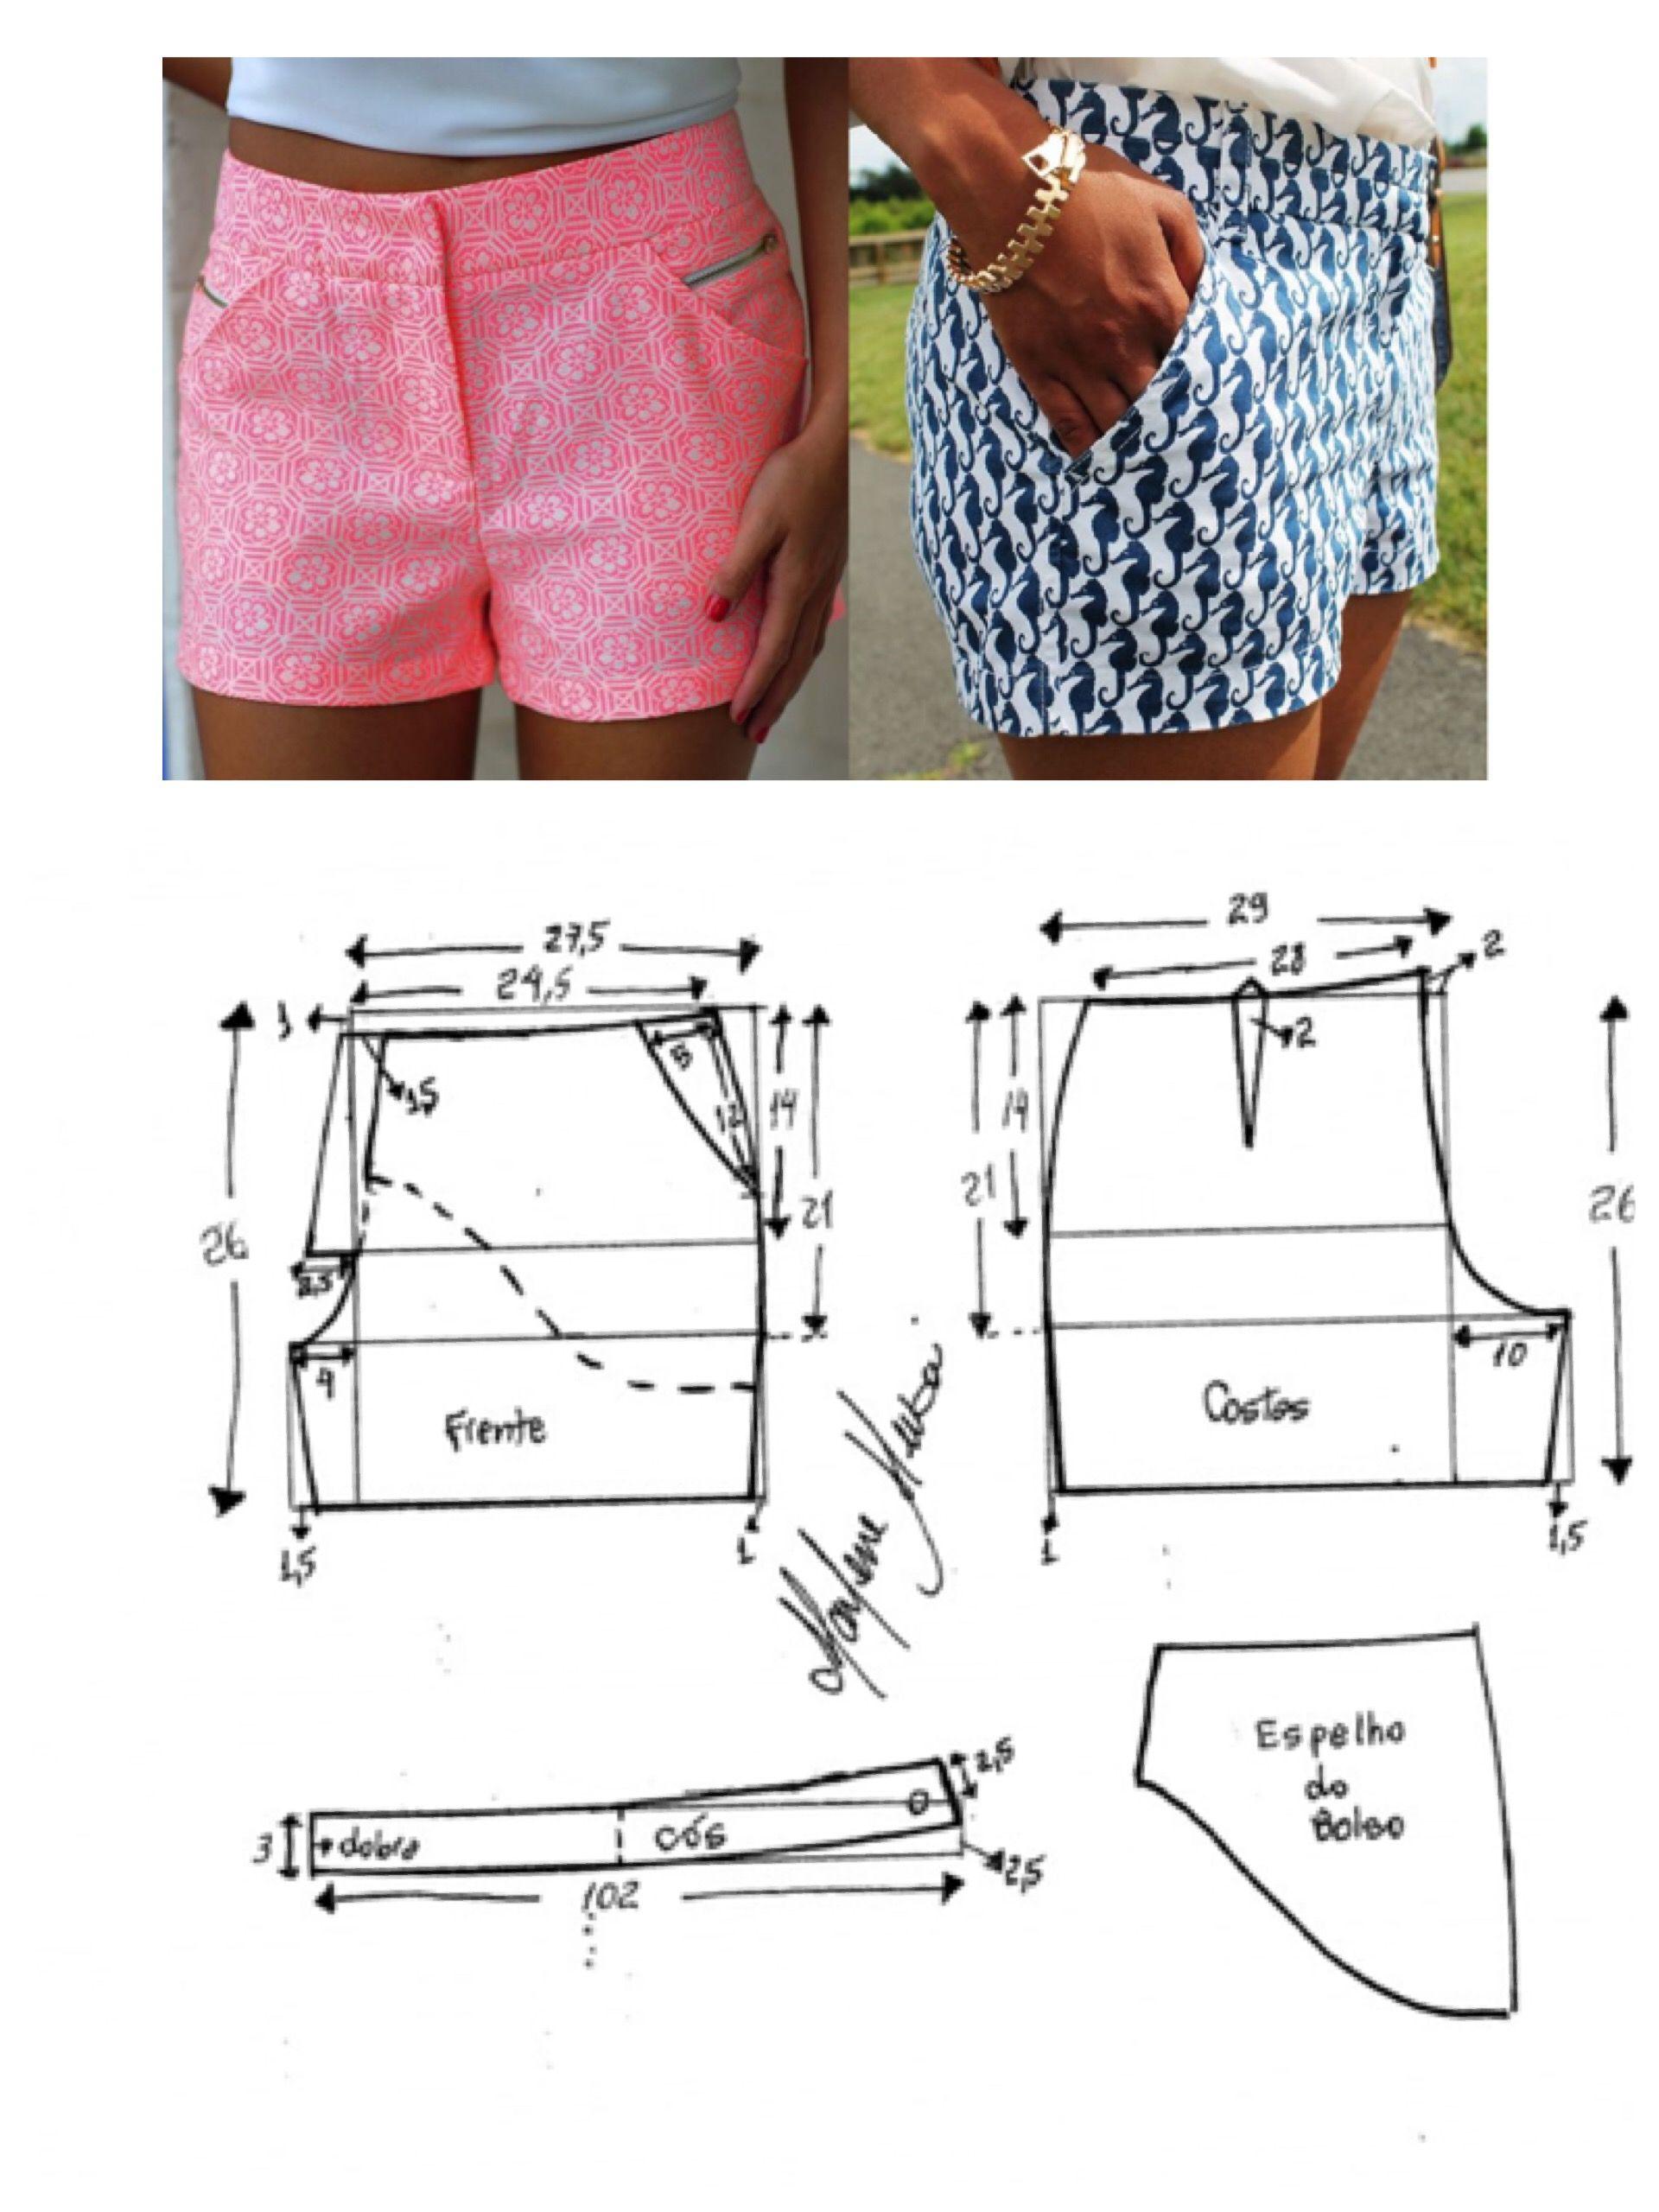 Bien fresquitas y guapas Men\'s shorts pattern | Patternmaking ...